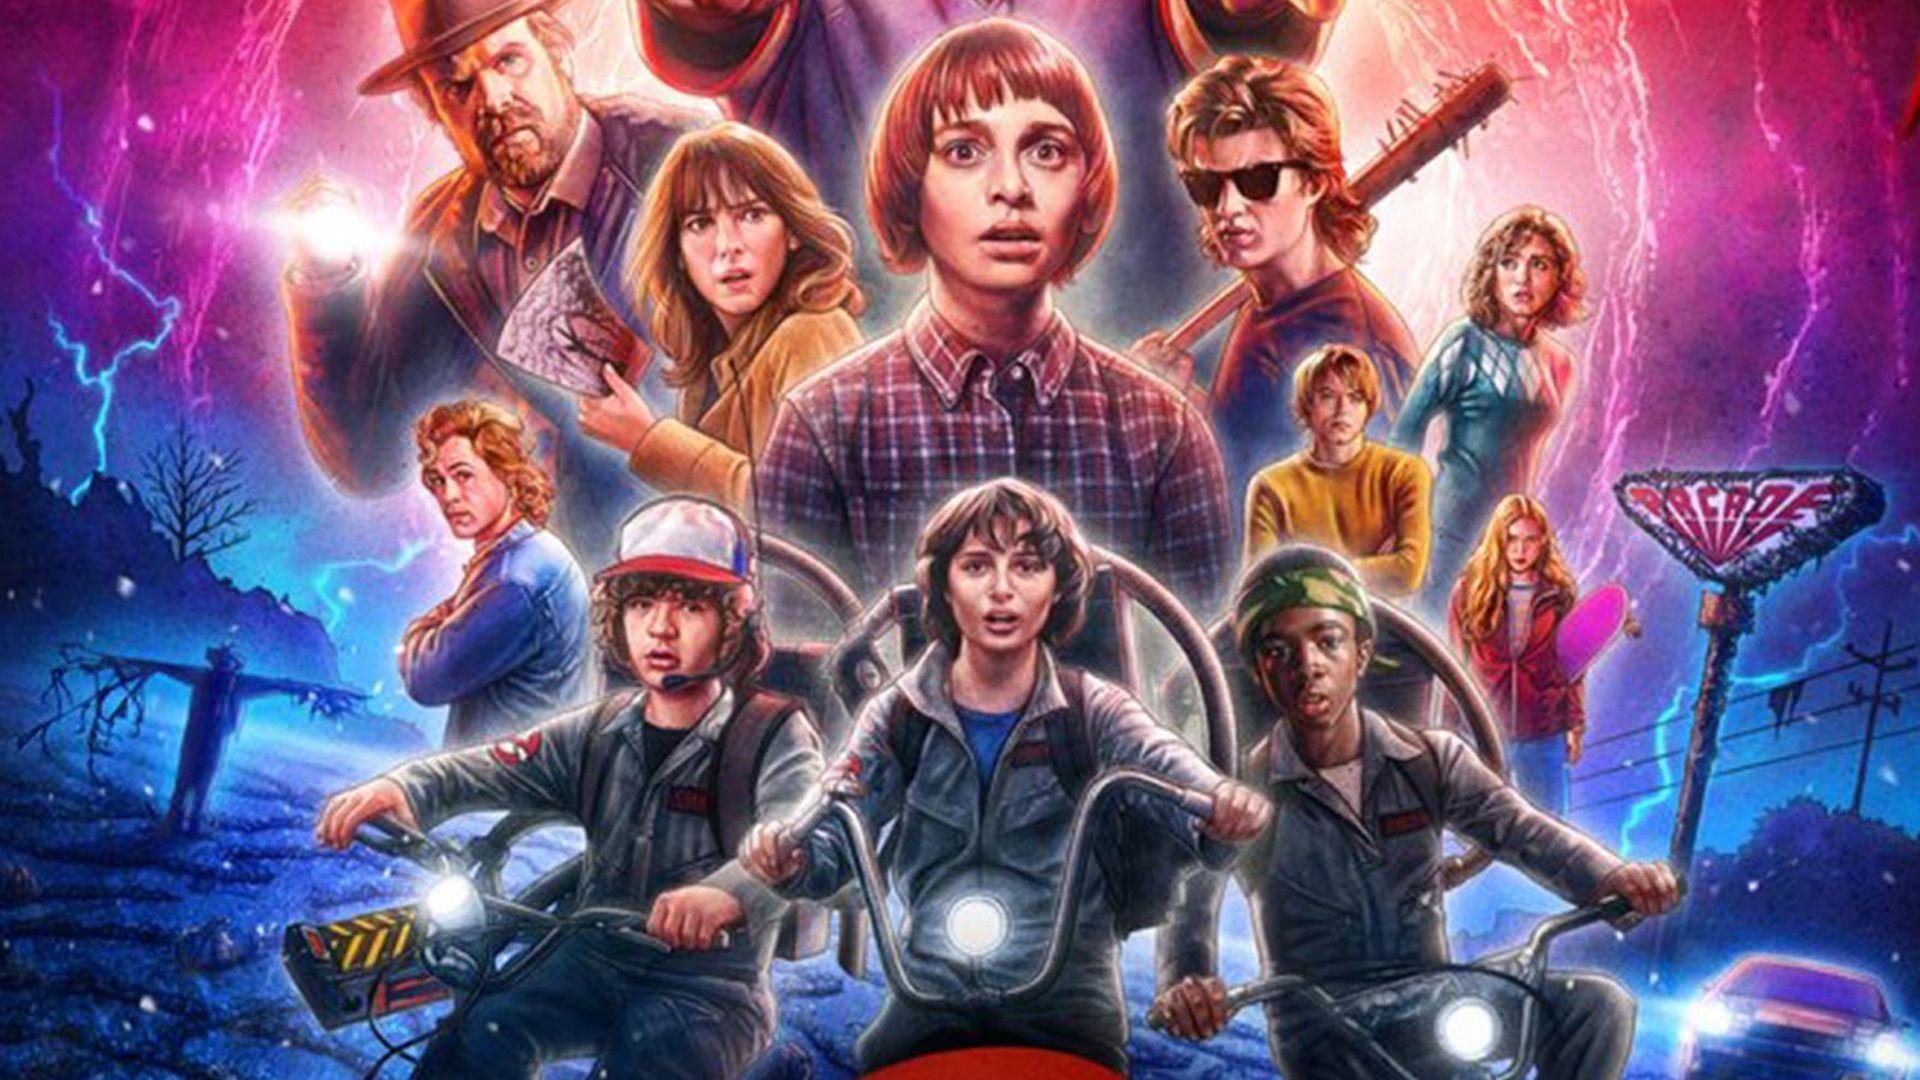 Stranger Things Season 3 Wallpapers Top Free Stranger Things